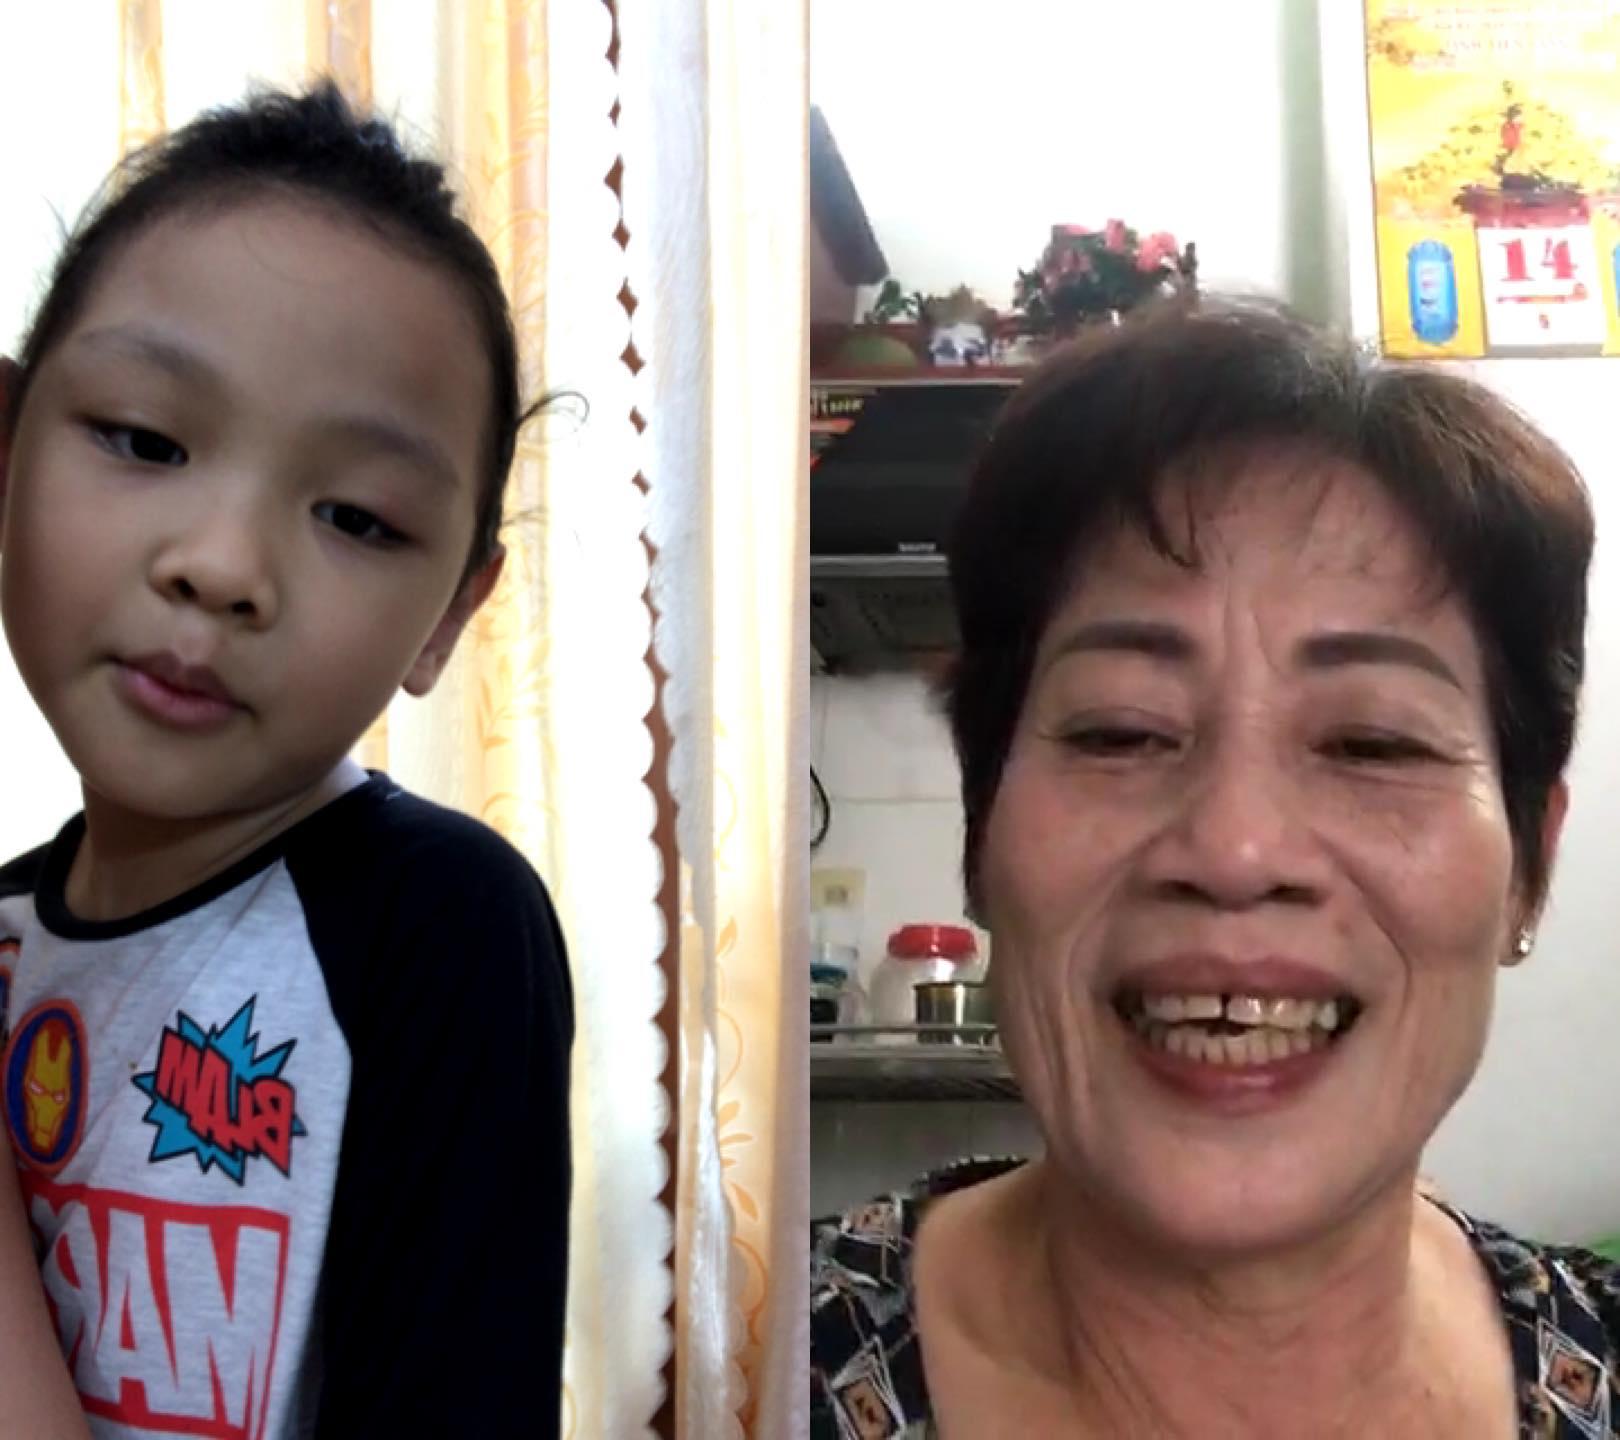 Niềm vui của bà ngoại là gọi video call với cháu cho đỡ nhớ